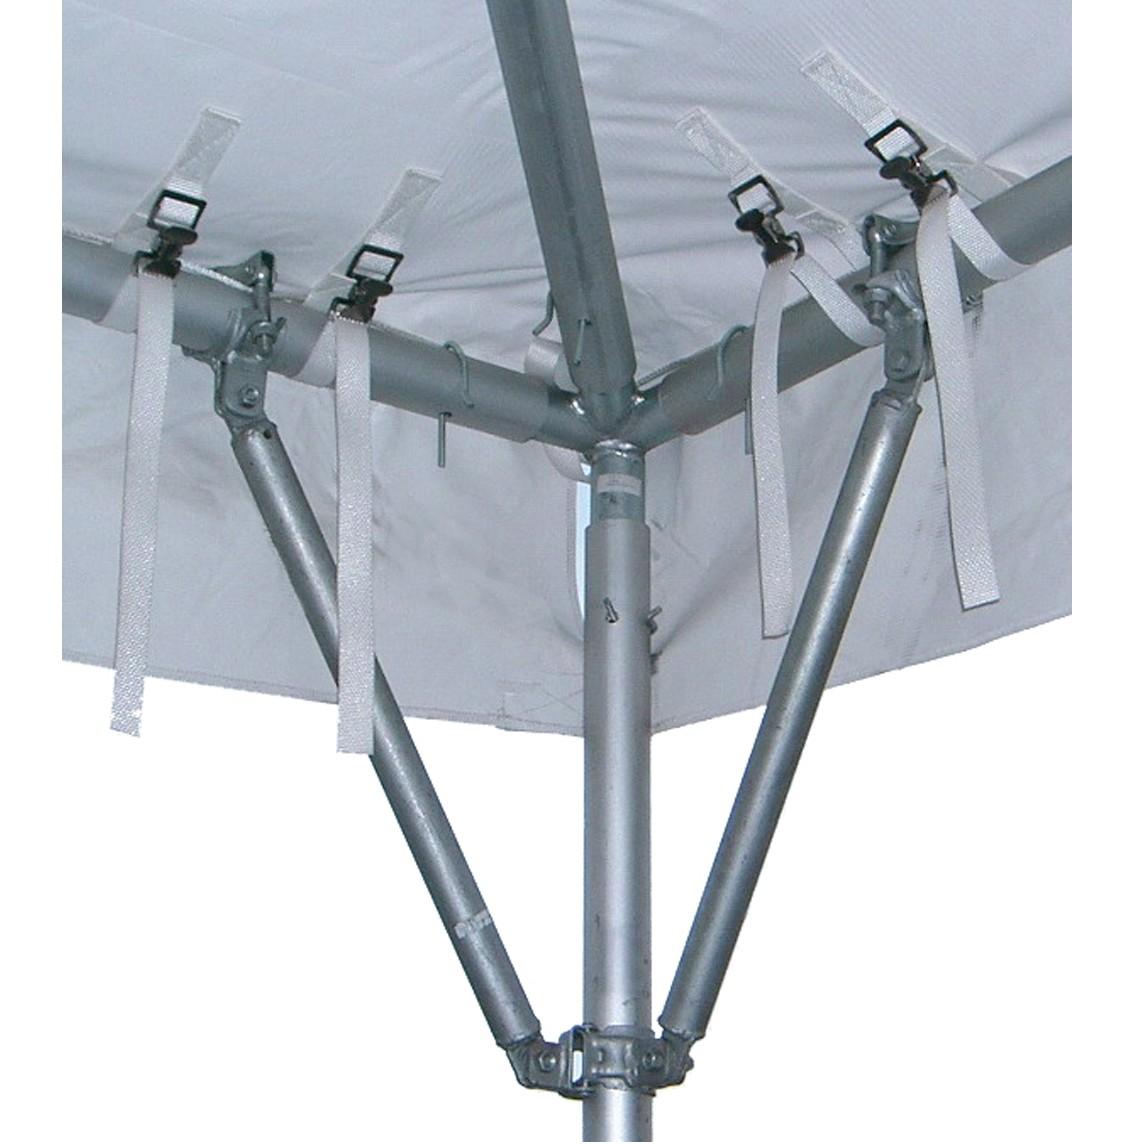 Corner Leg Brace 2 Quot Quick Clamp Central Tent